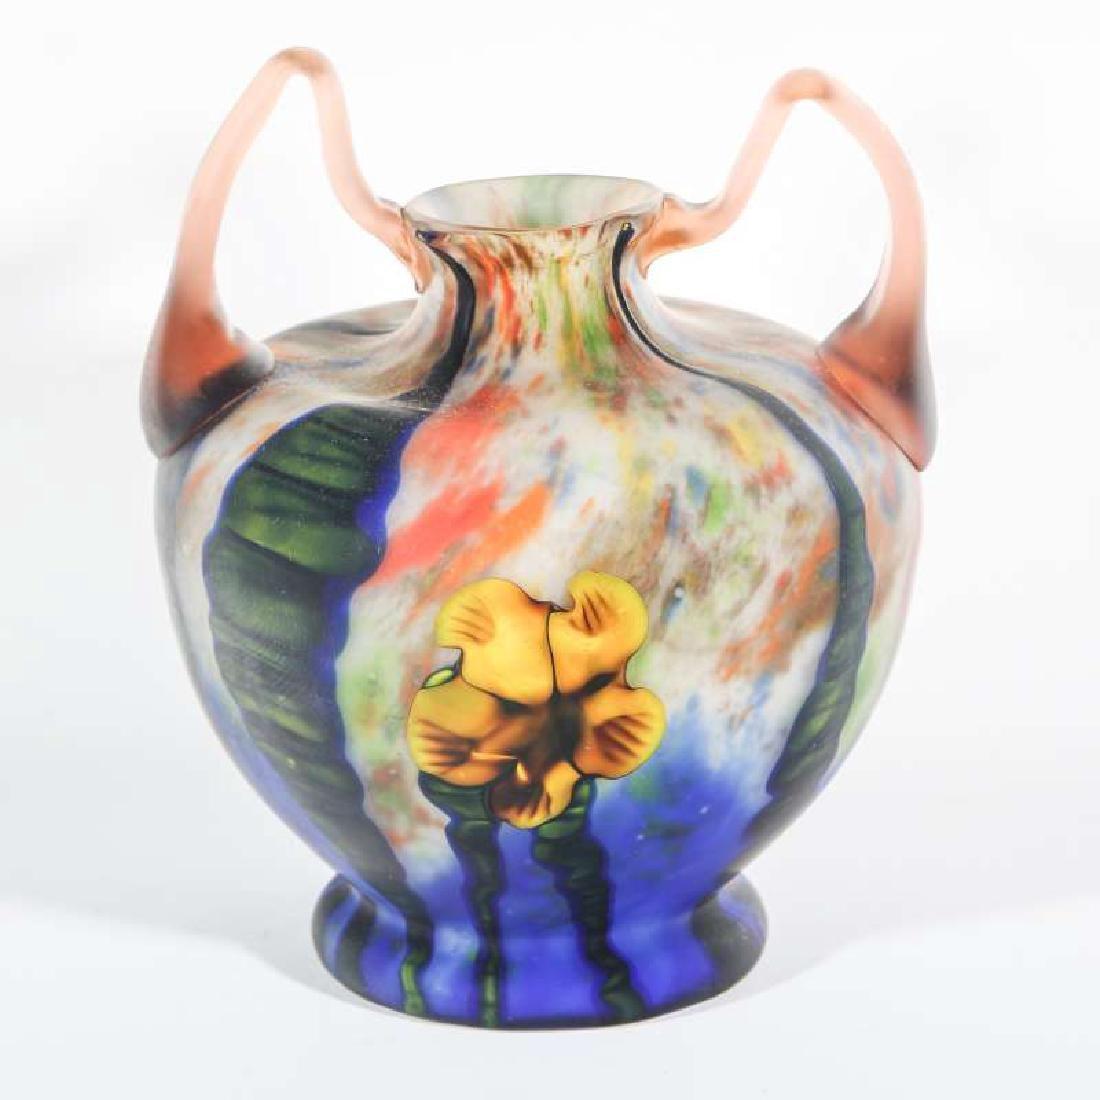 KARLA MARQUETRY ART GLASS SIGNED CZECHOSLOVAKIA